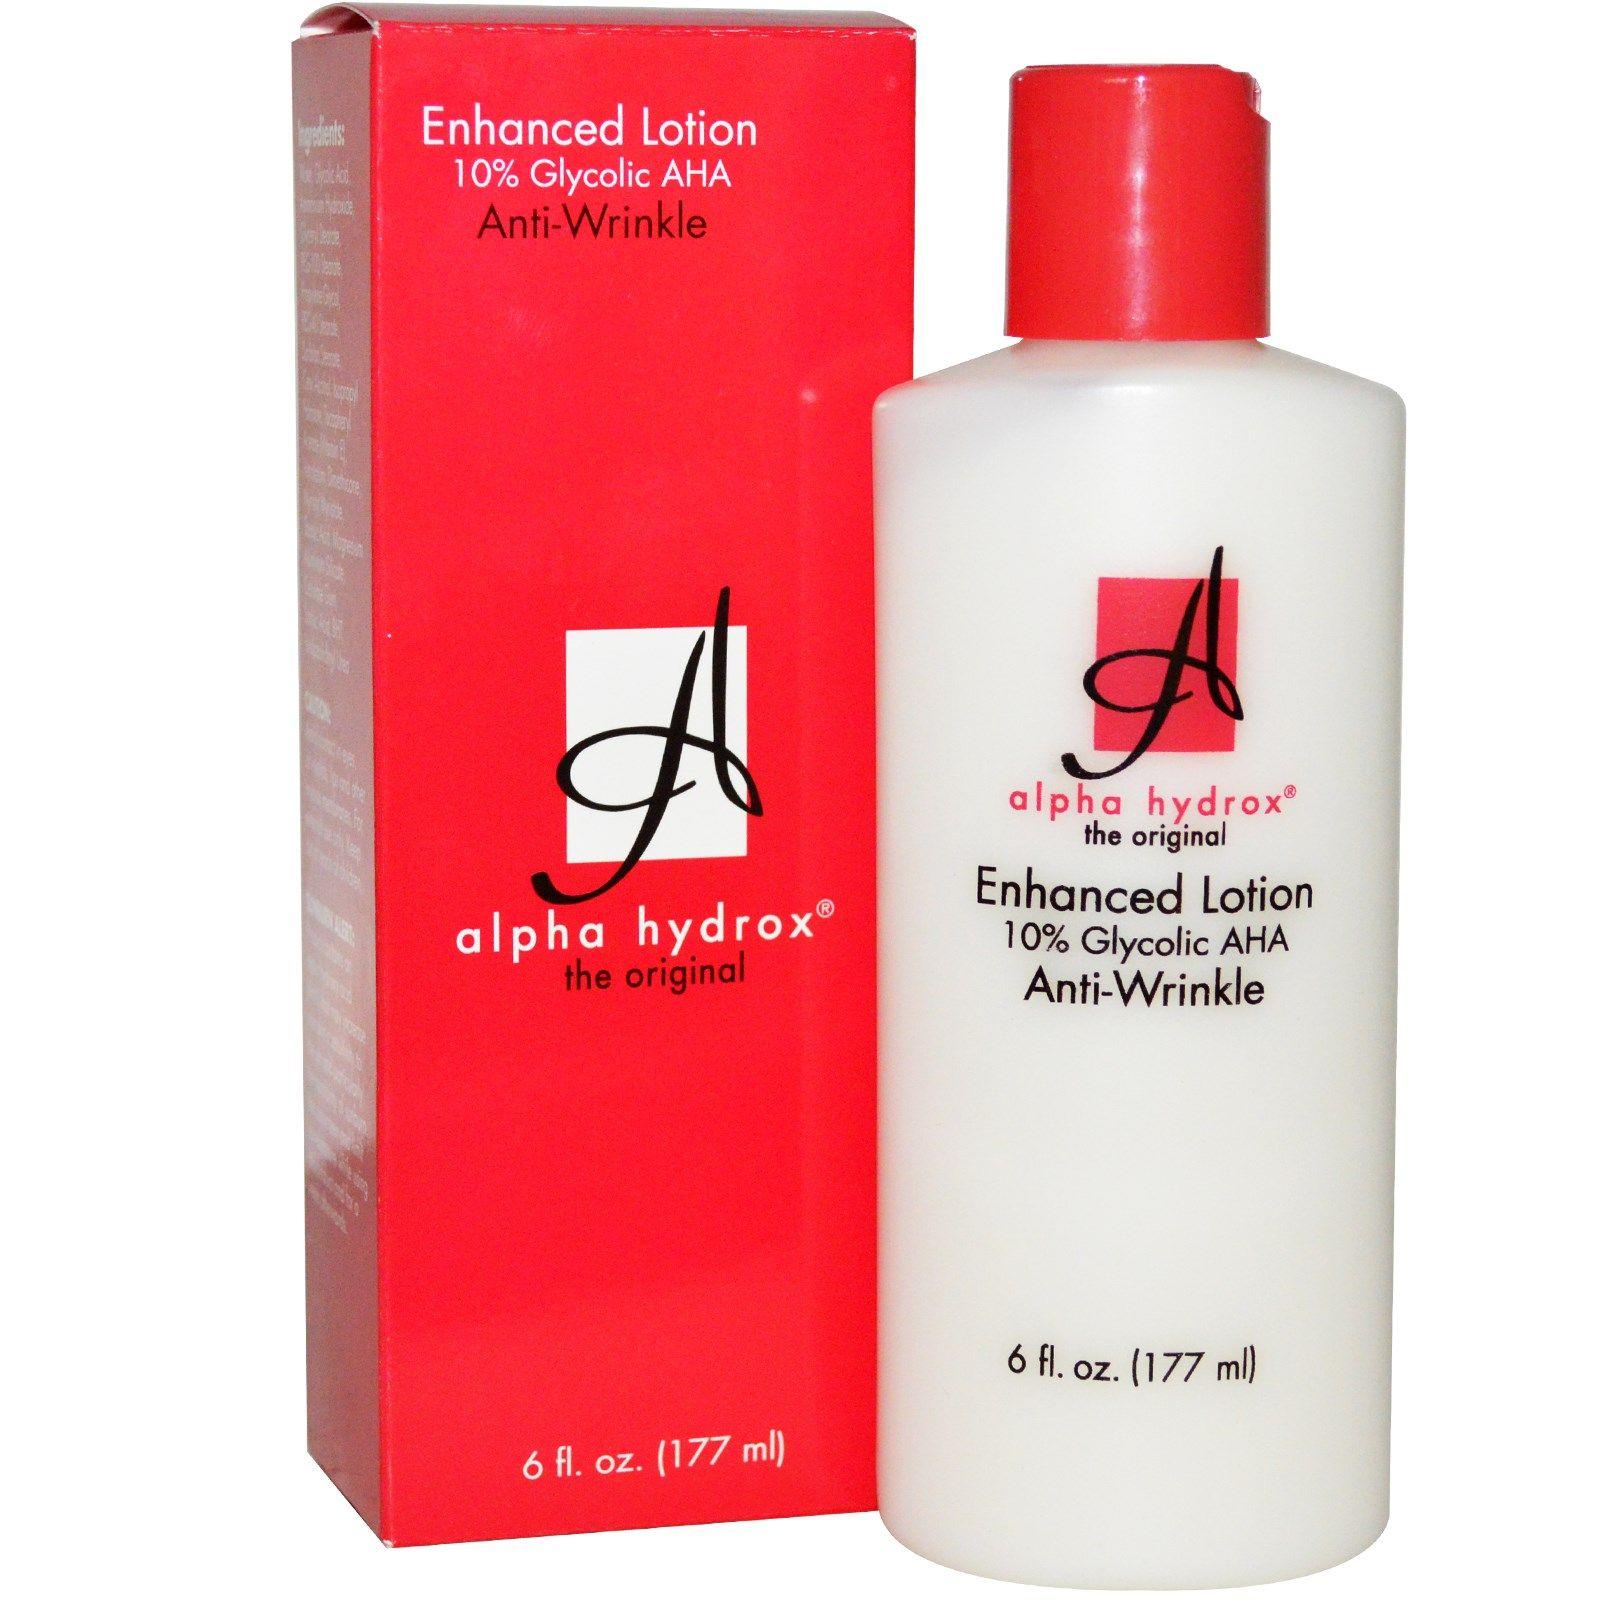 Alpha hydrox aha facial treatment